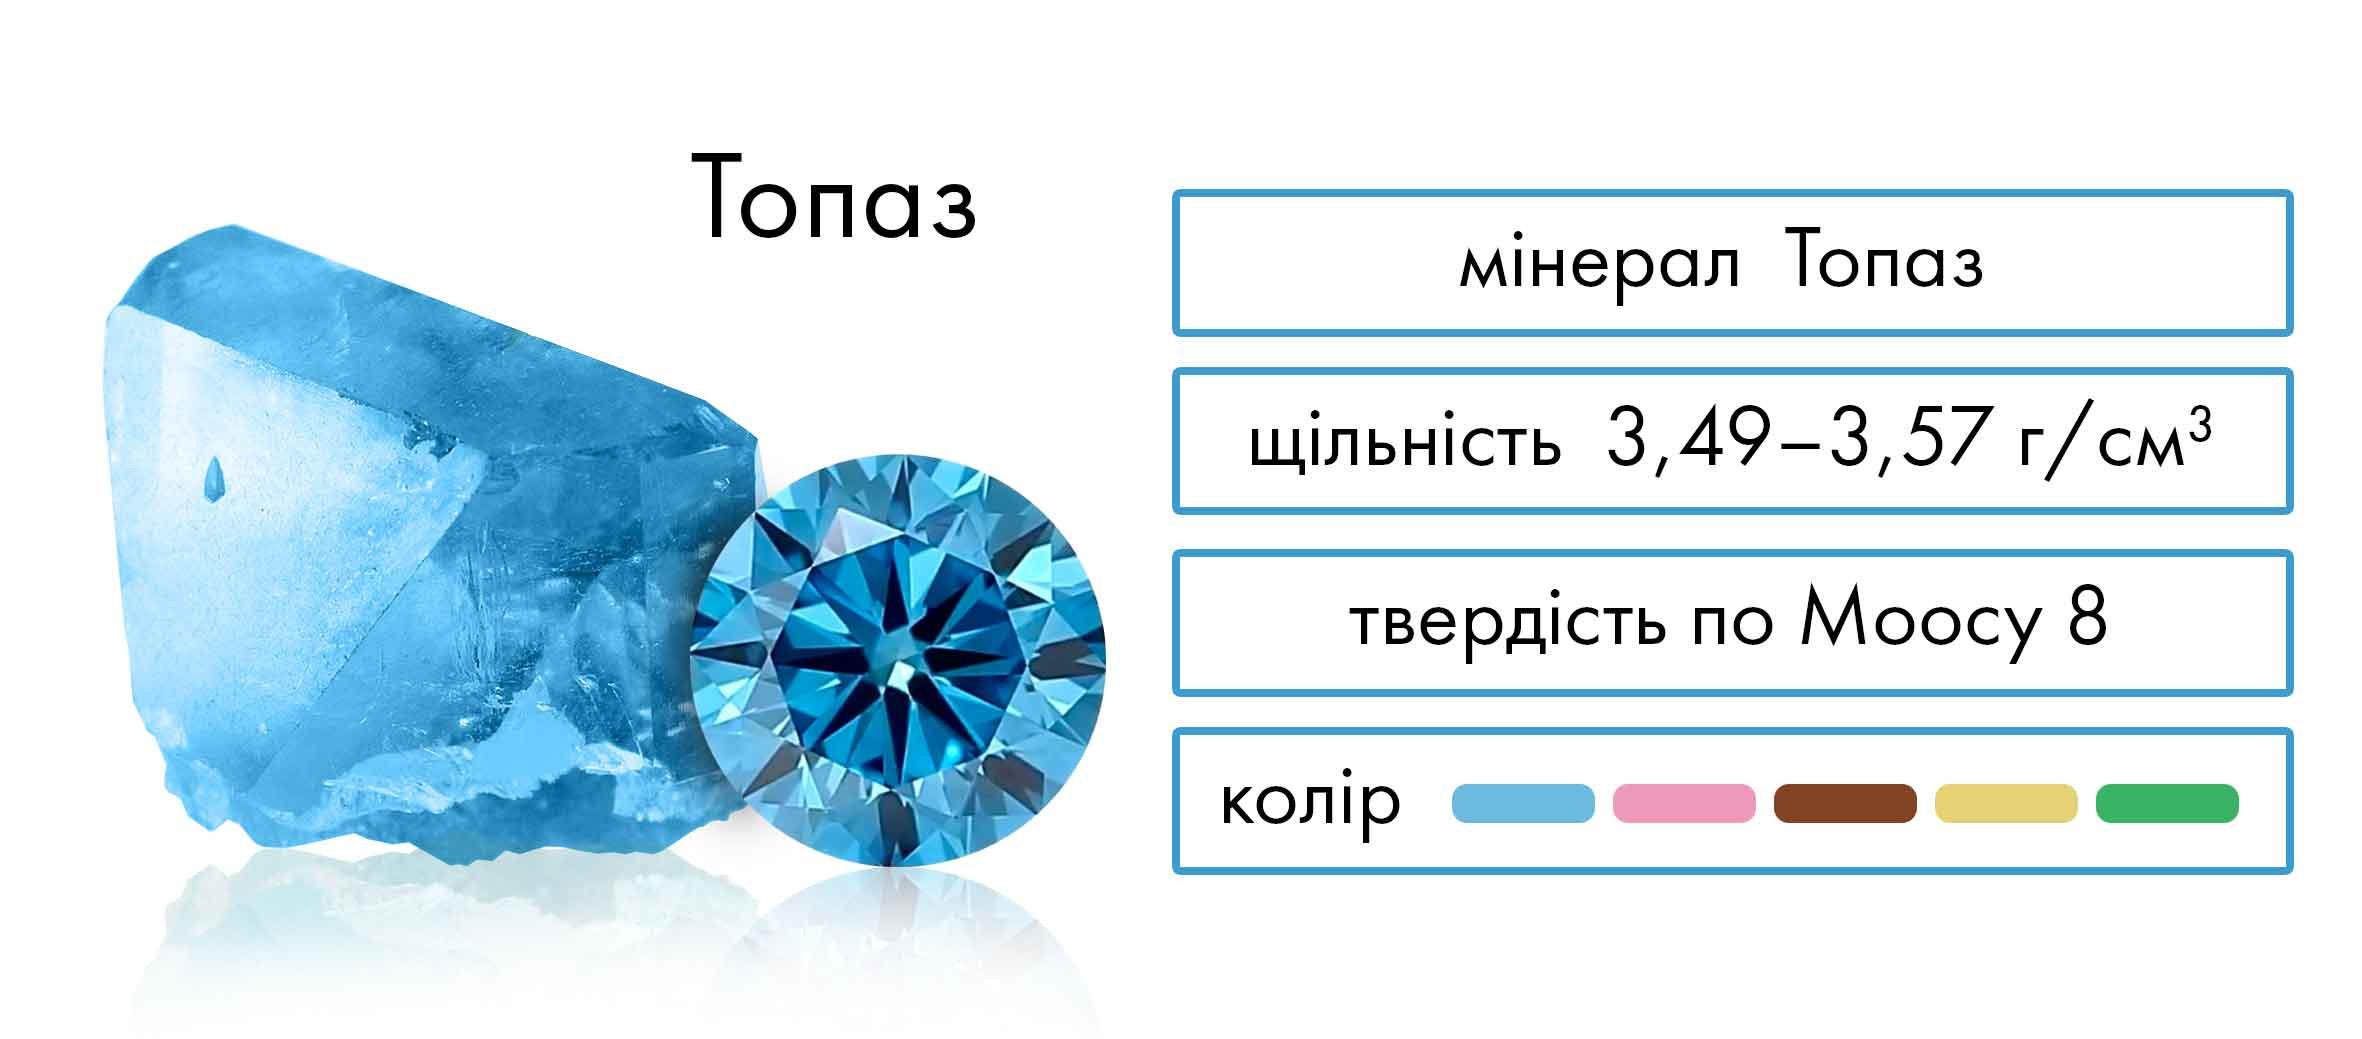 Мінерал Топаз, щільність, твердість, колір.